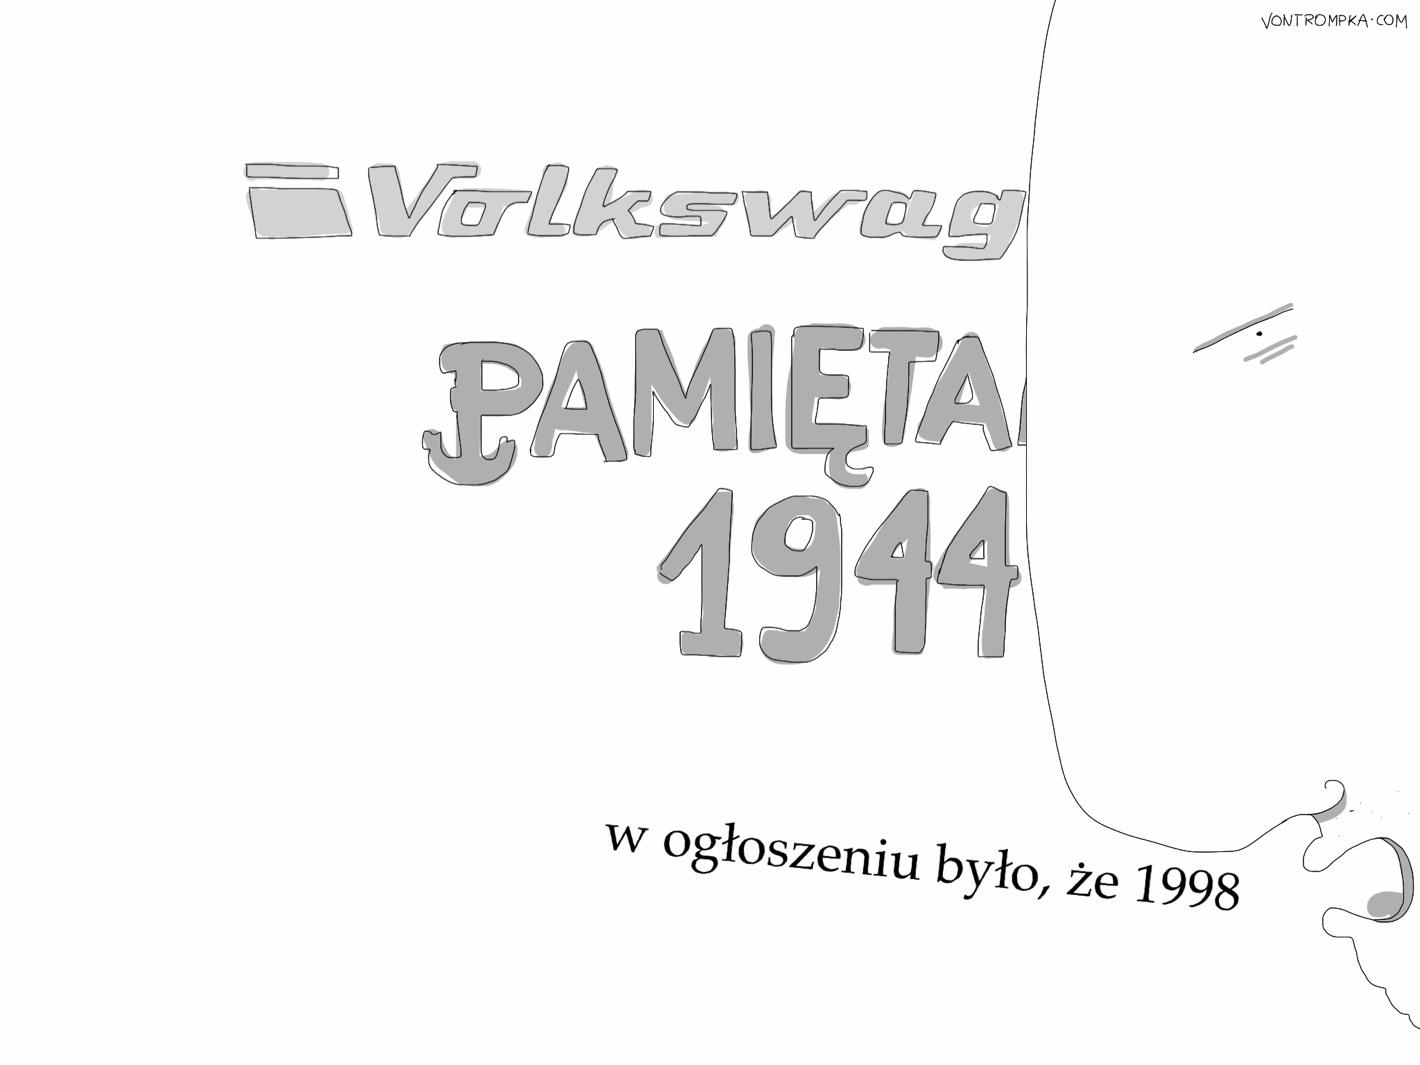 volkswagen pamiętamy 1944. w ogłoszeniu było, że 1998